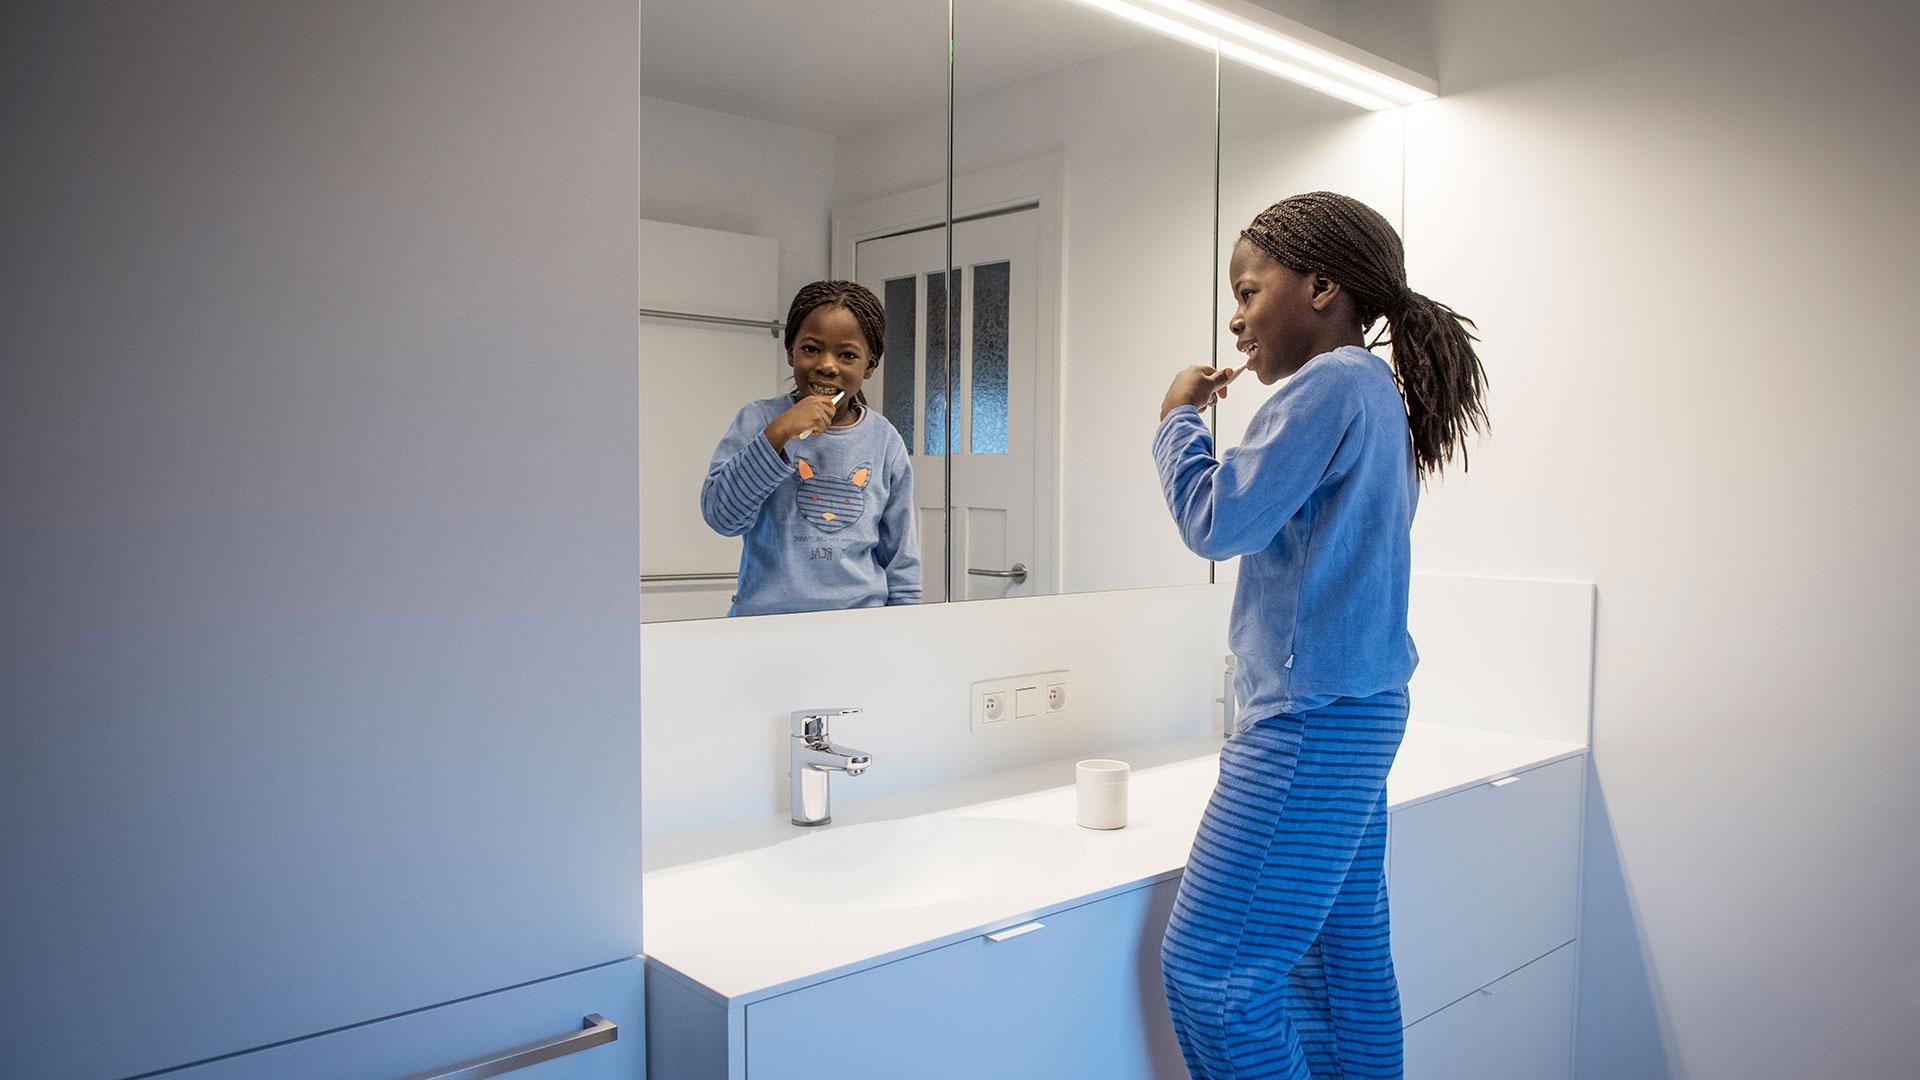 Rénover votre salle de bains ? Renoconcept rénove et vous installe une salle de bains facile à entretenir. Demandez-nous conseil !